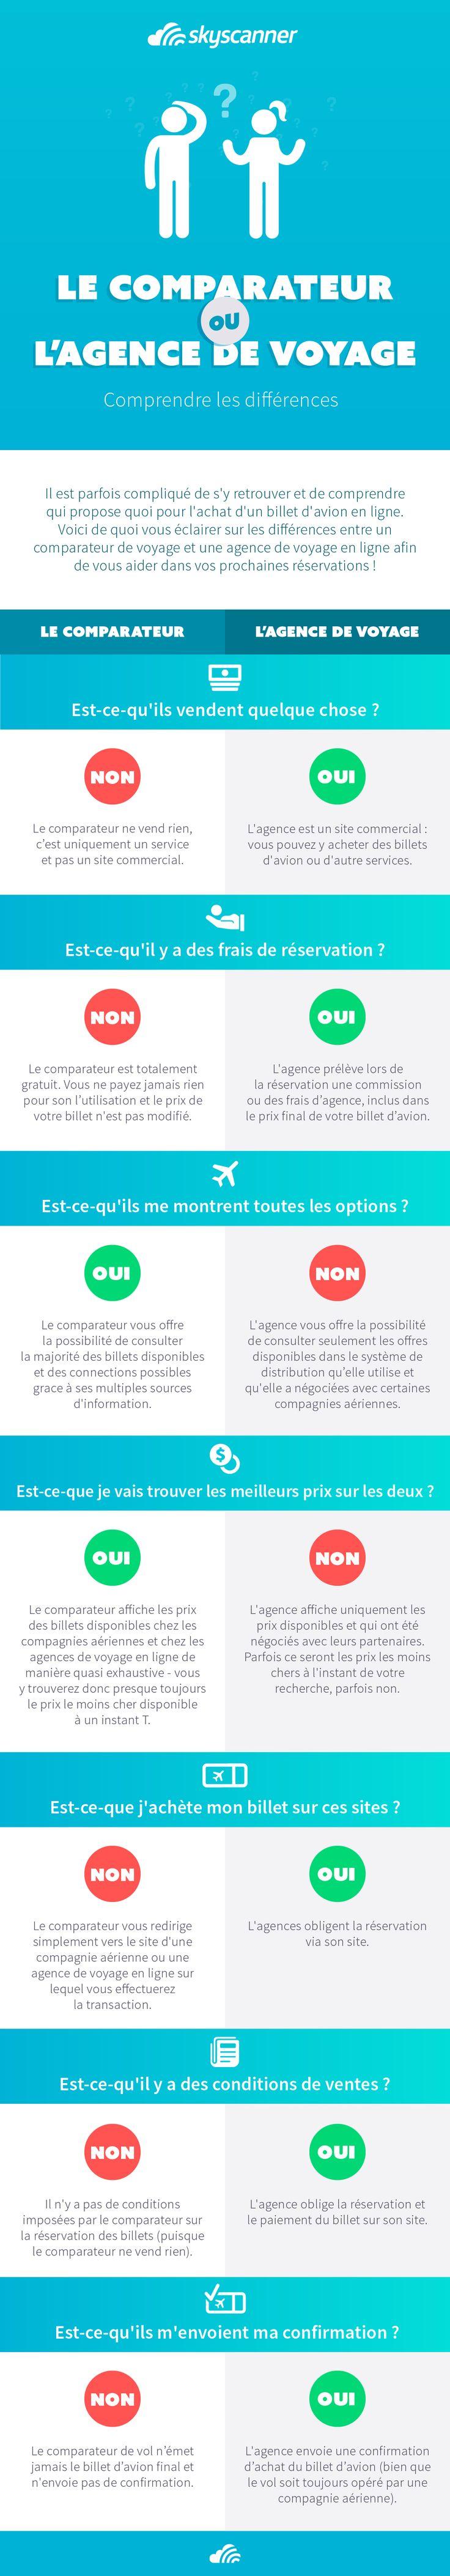 Un comparateur de vol c'est quoi ? Et quels sont les différence avec une agence de voyage ? toutes nos réponses !